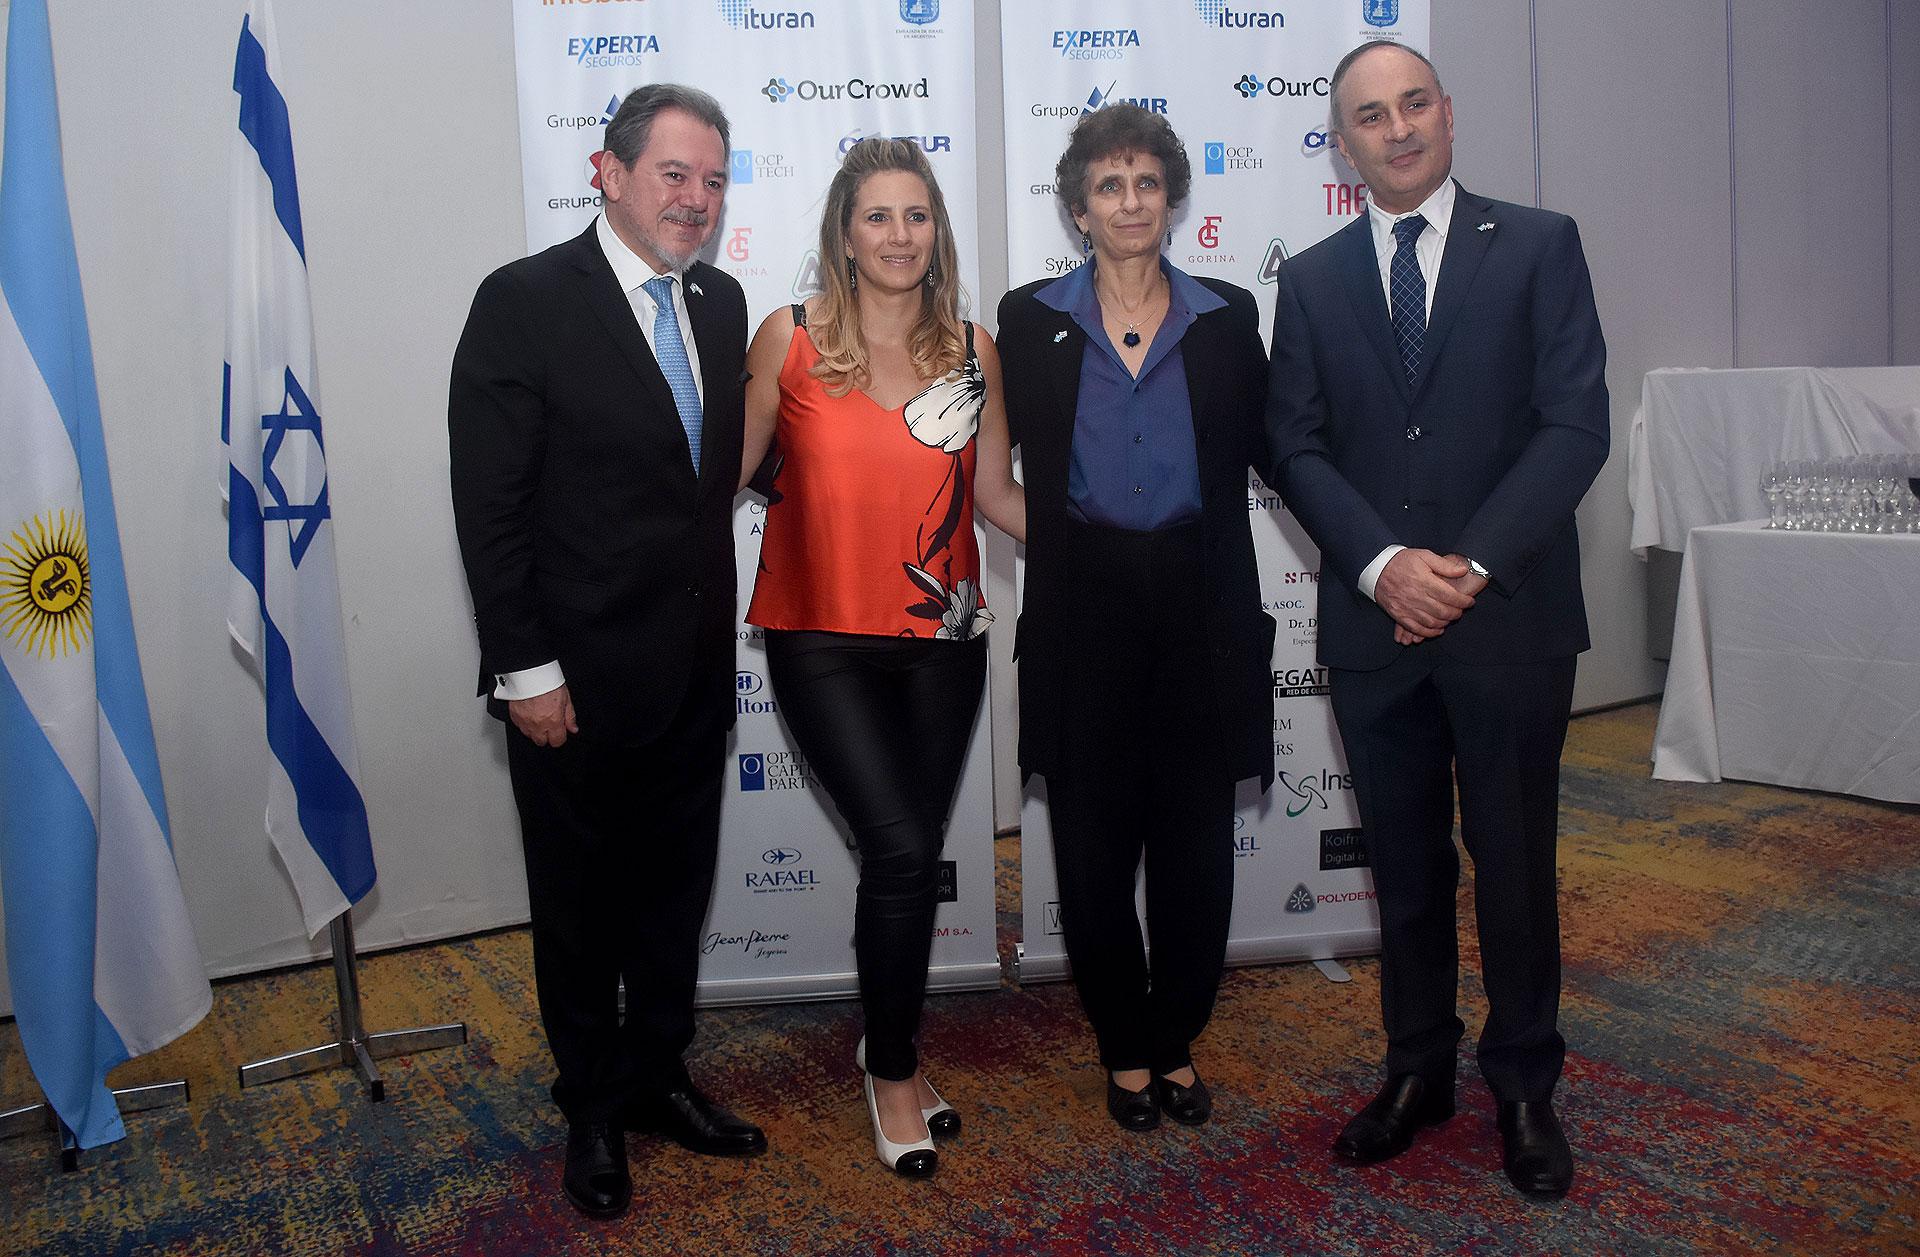 Mario Montoto, presidente de la Cámara de Comercio Argentino Israelí; Yanina Kogan, directora ejecutiva de la Cámara de Comercio Argentino Israelí; Galit Ronen, embajadora de Israel en la Argentina; y Darío Sykuler, director - secretario de la Cámara de Comercio Argentino Israelí